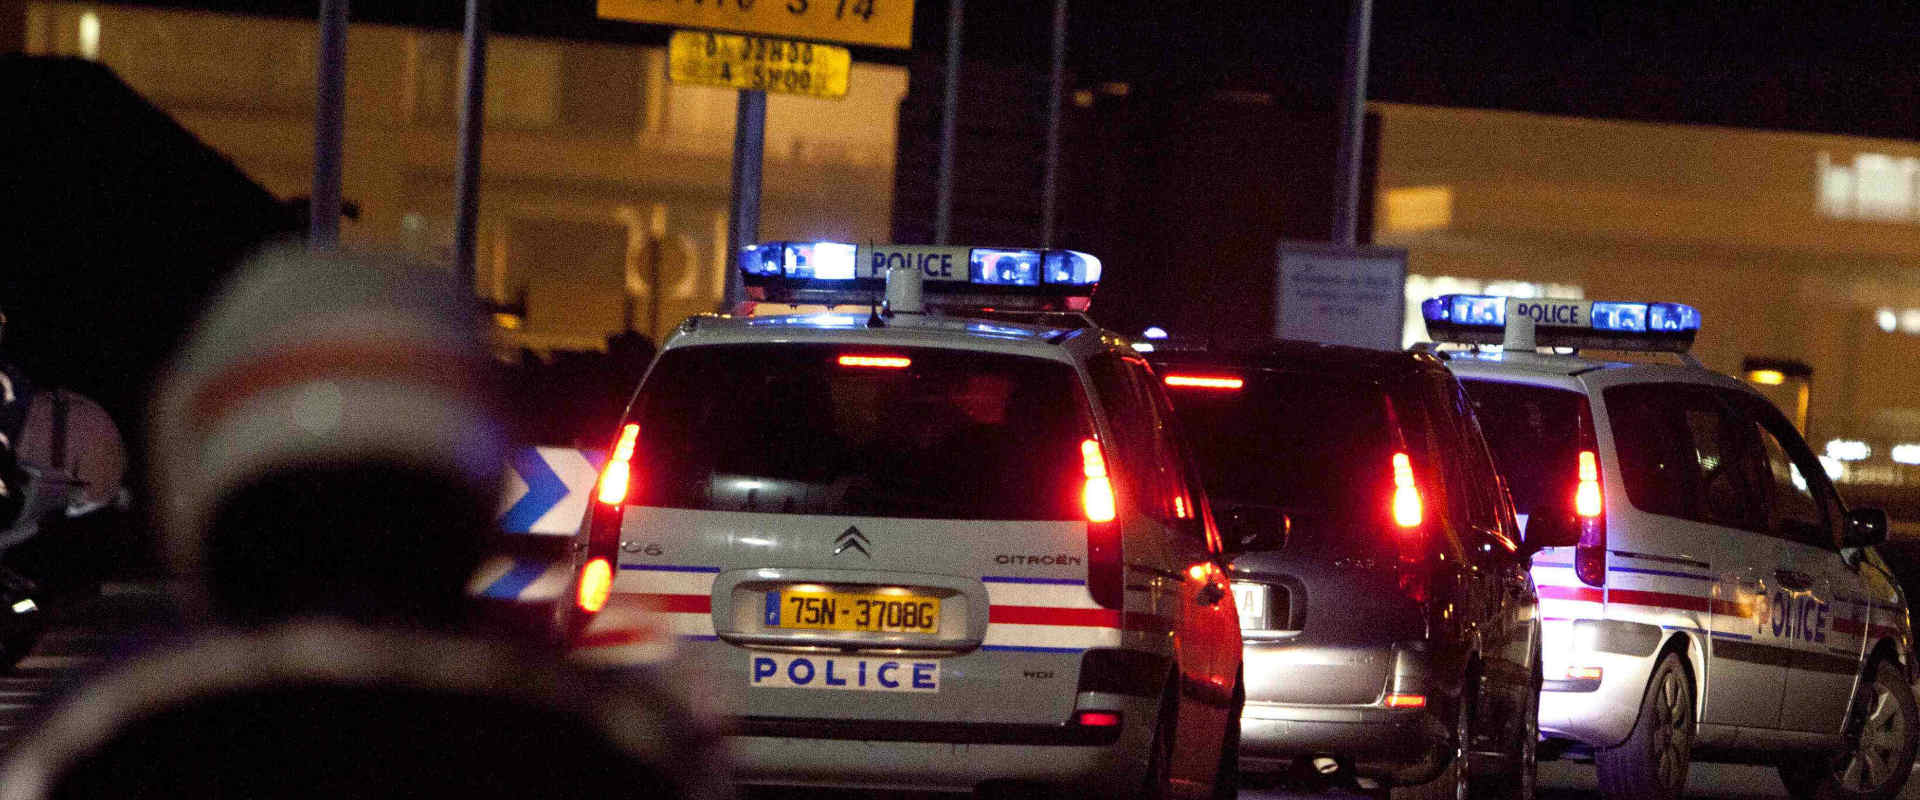 ניידות משטרה בפריז